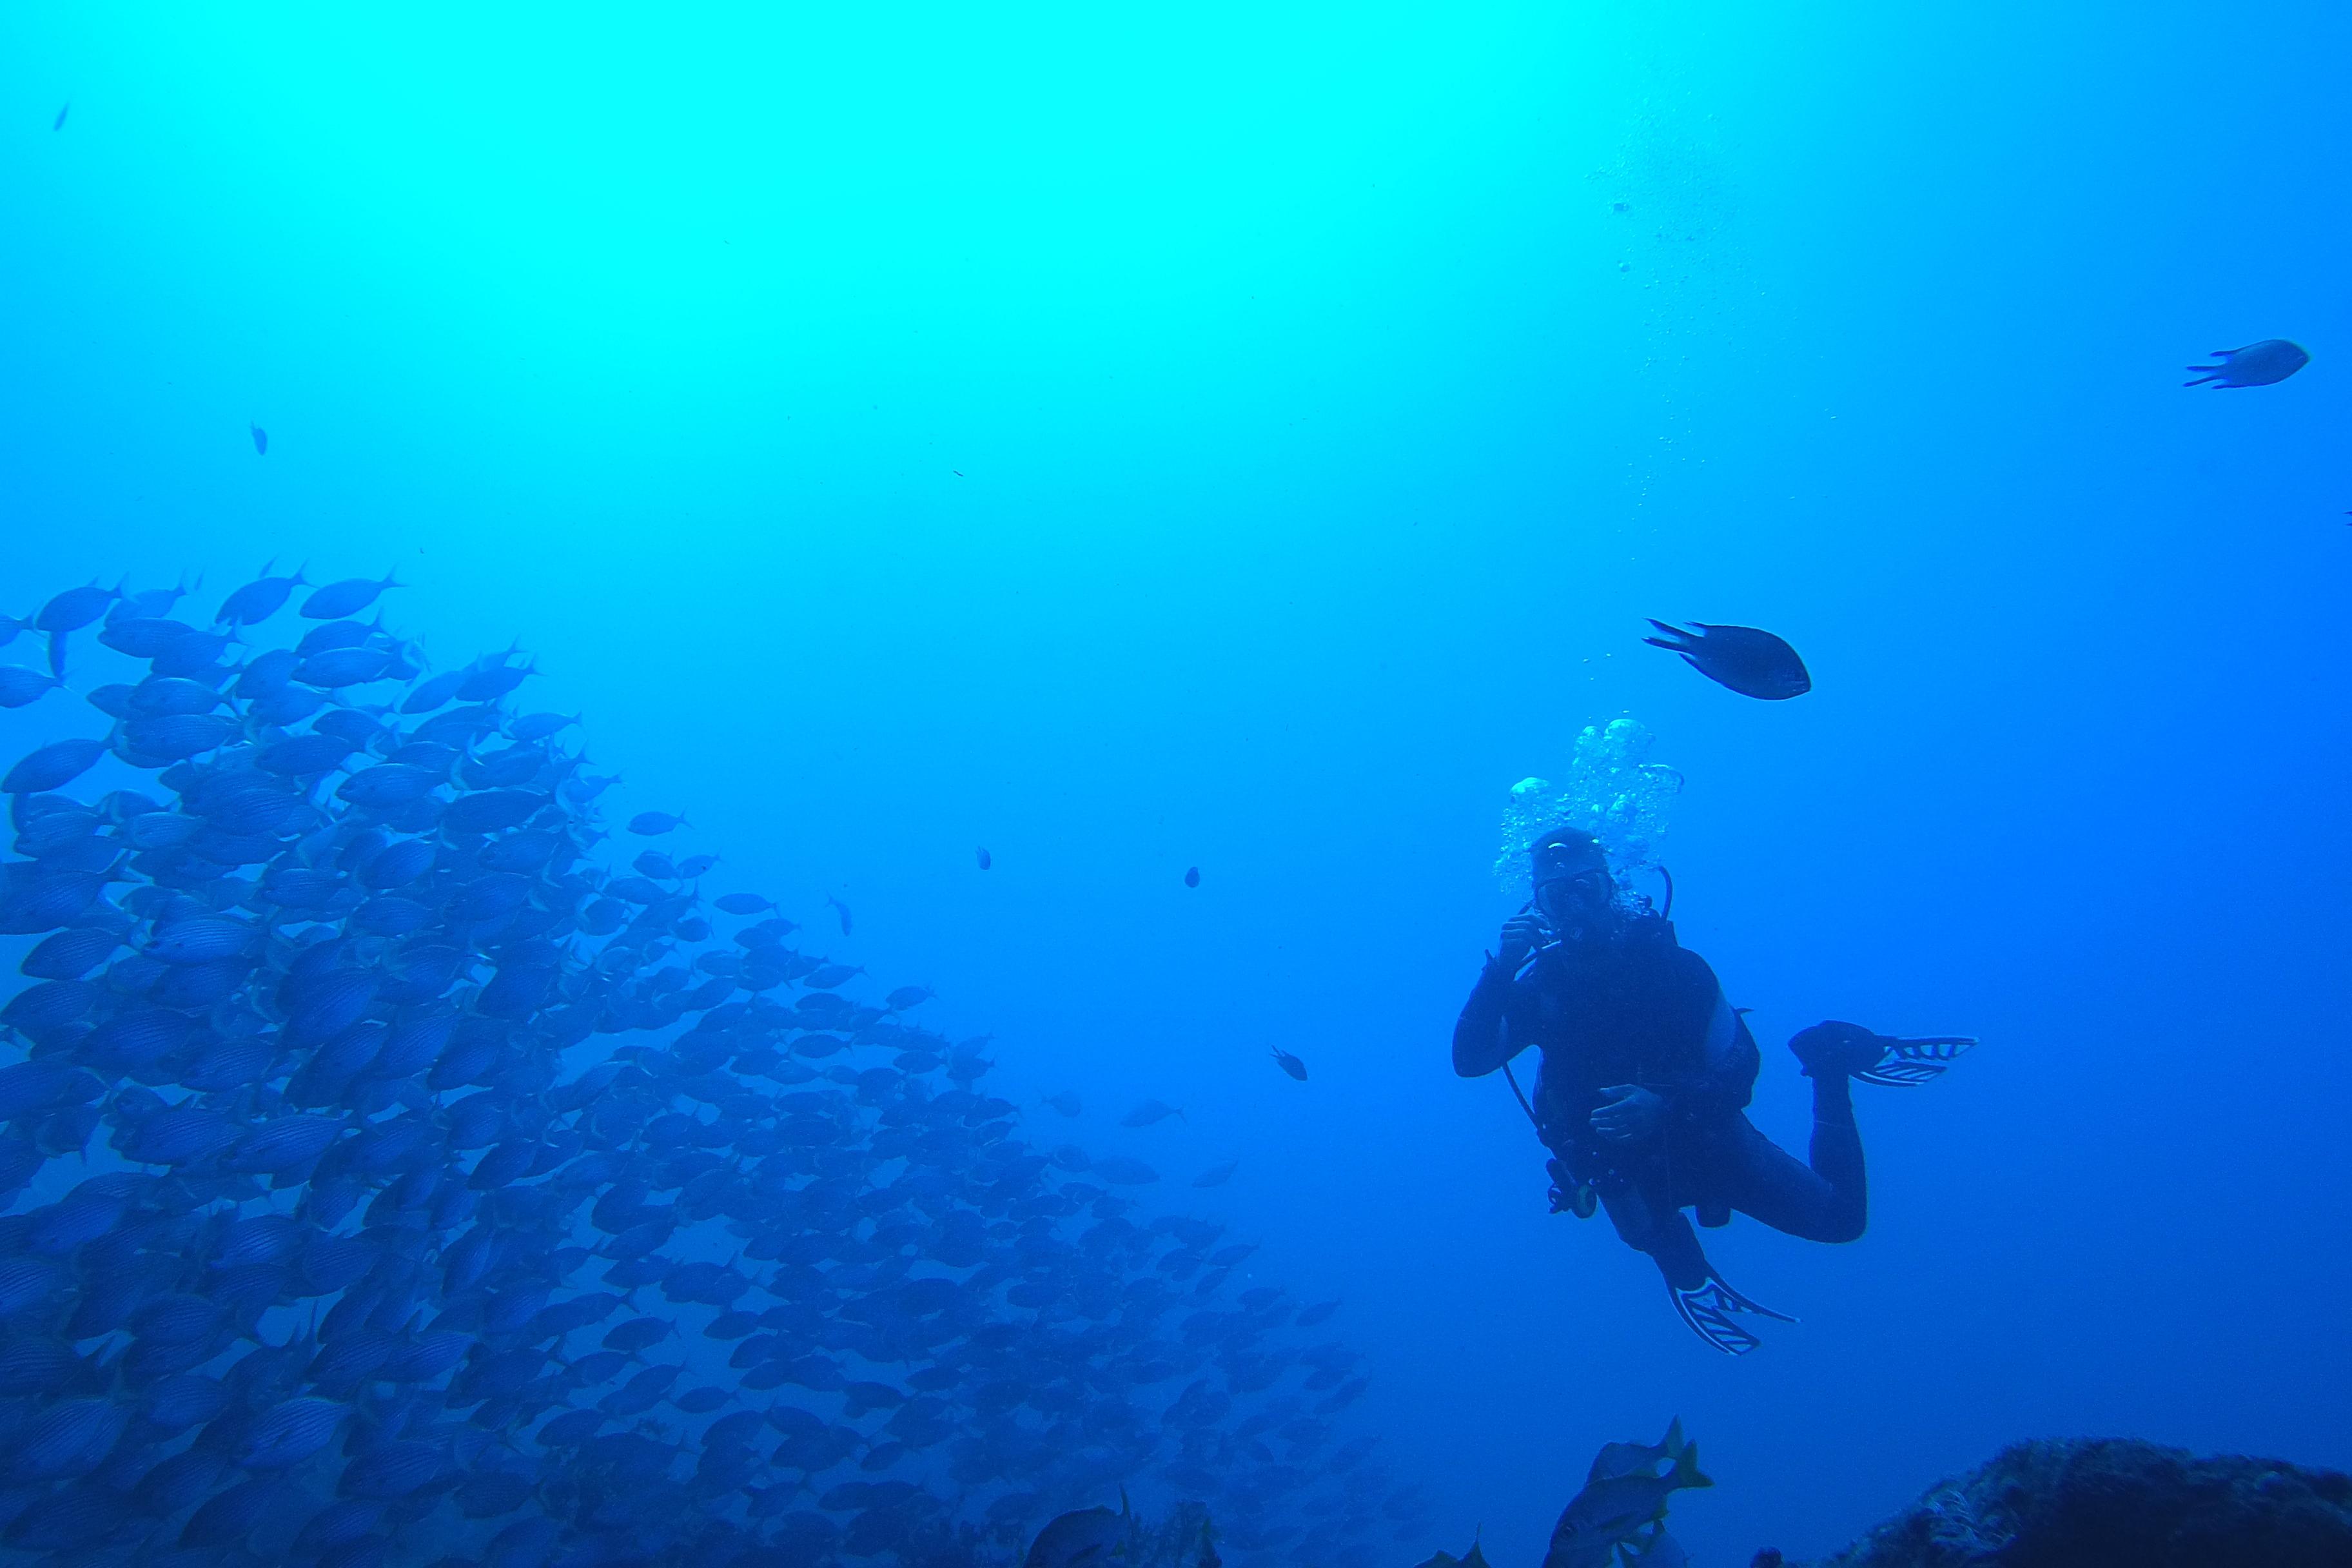 Lukas B. taucht 2015 in Tres Marias vor der Küste Portugals – dabei begegneten ihm Hornschwanz-Stechrochen, Tigermuränen und bis zu zwei Meter große Thunfische. Das seltene Glück, ein Seepferdchen zu sehen, blieb ihm leider verwehrt.